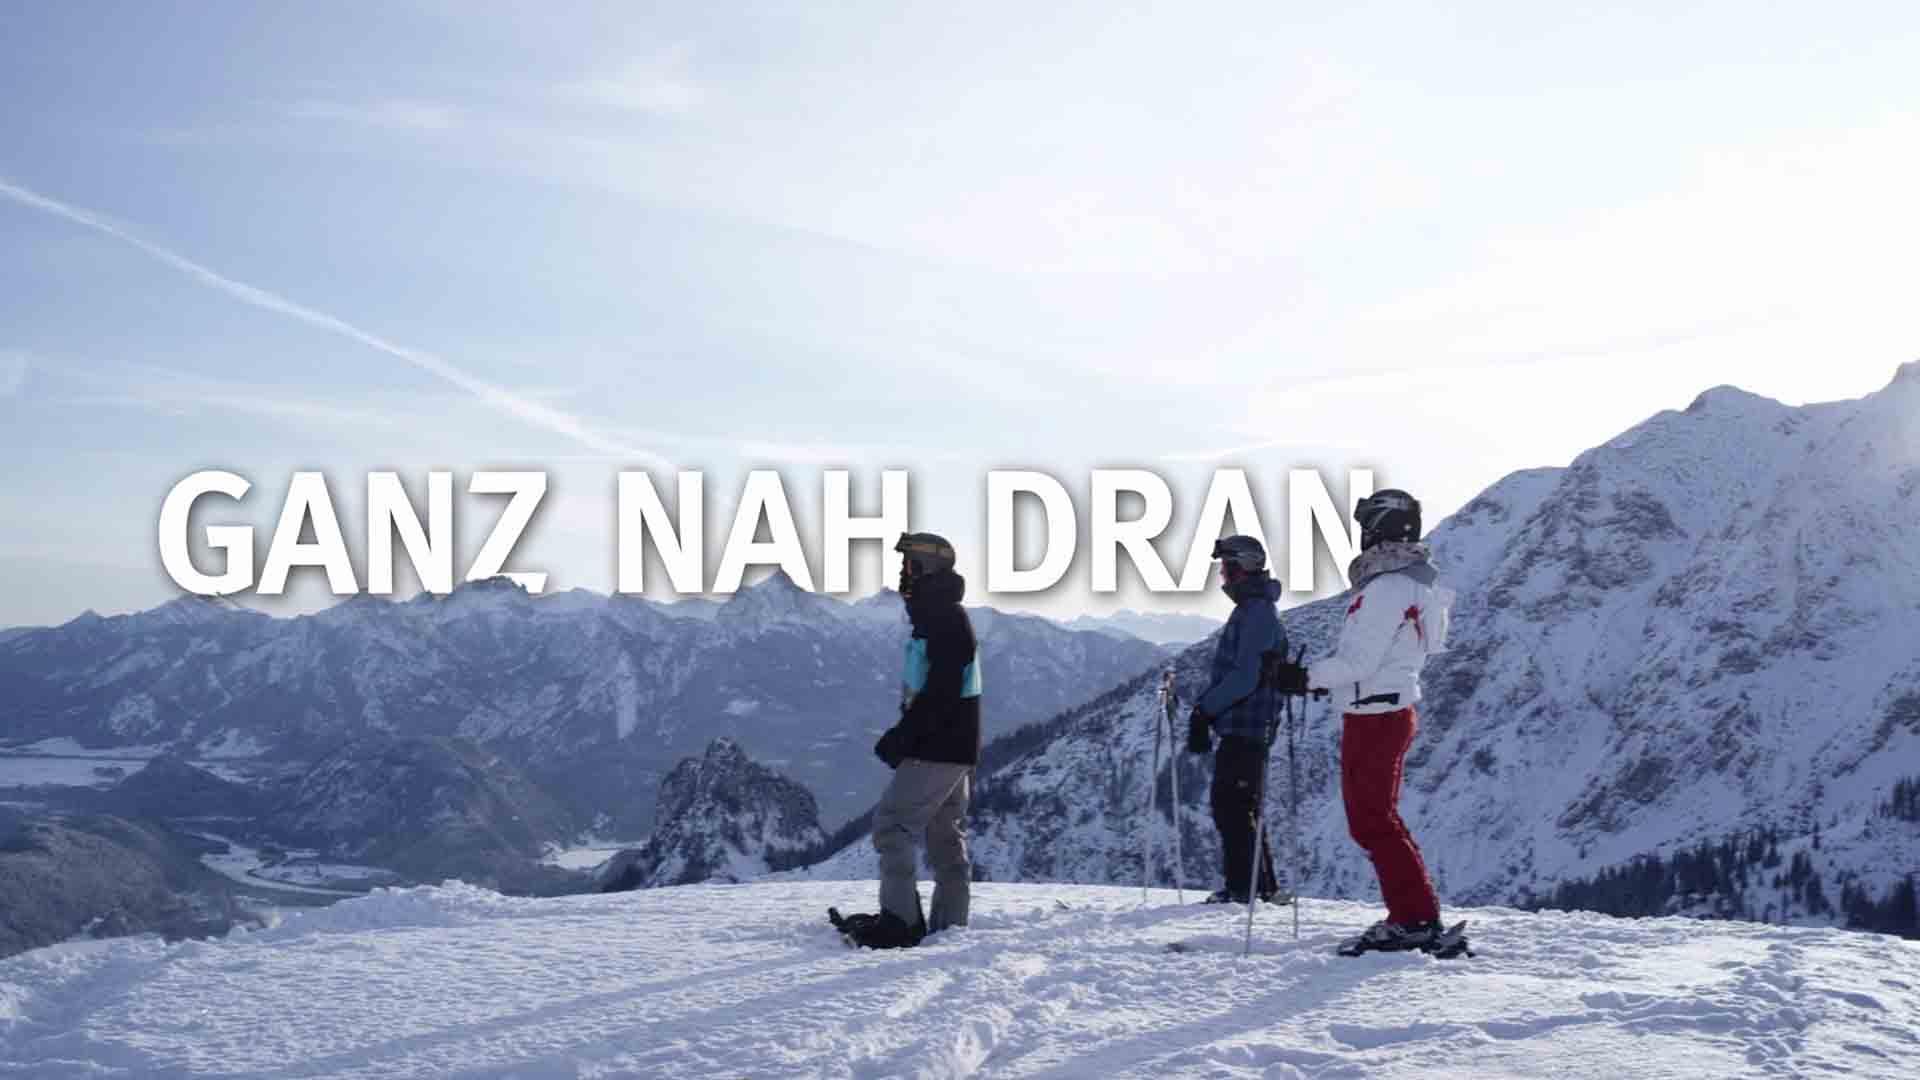 Das Bild zeigt Menschen. Sie stehen auf einem Berg. Sie tragen Winterkleidung. Sie fahren Ski. Sie stehen vor einem Berg und in der Luft ragen die Worte Ganz Nah dran, die per Animation eingefügt wurden. Das Bild dient als Sliderbild für den Portfolioeintrag Bayerntourismus Wintercamping in Bayern von Panda Pictures.